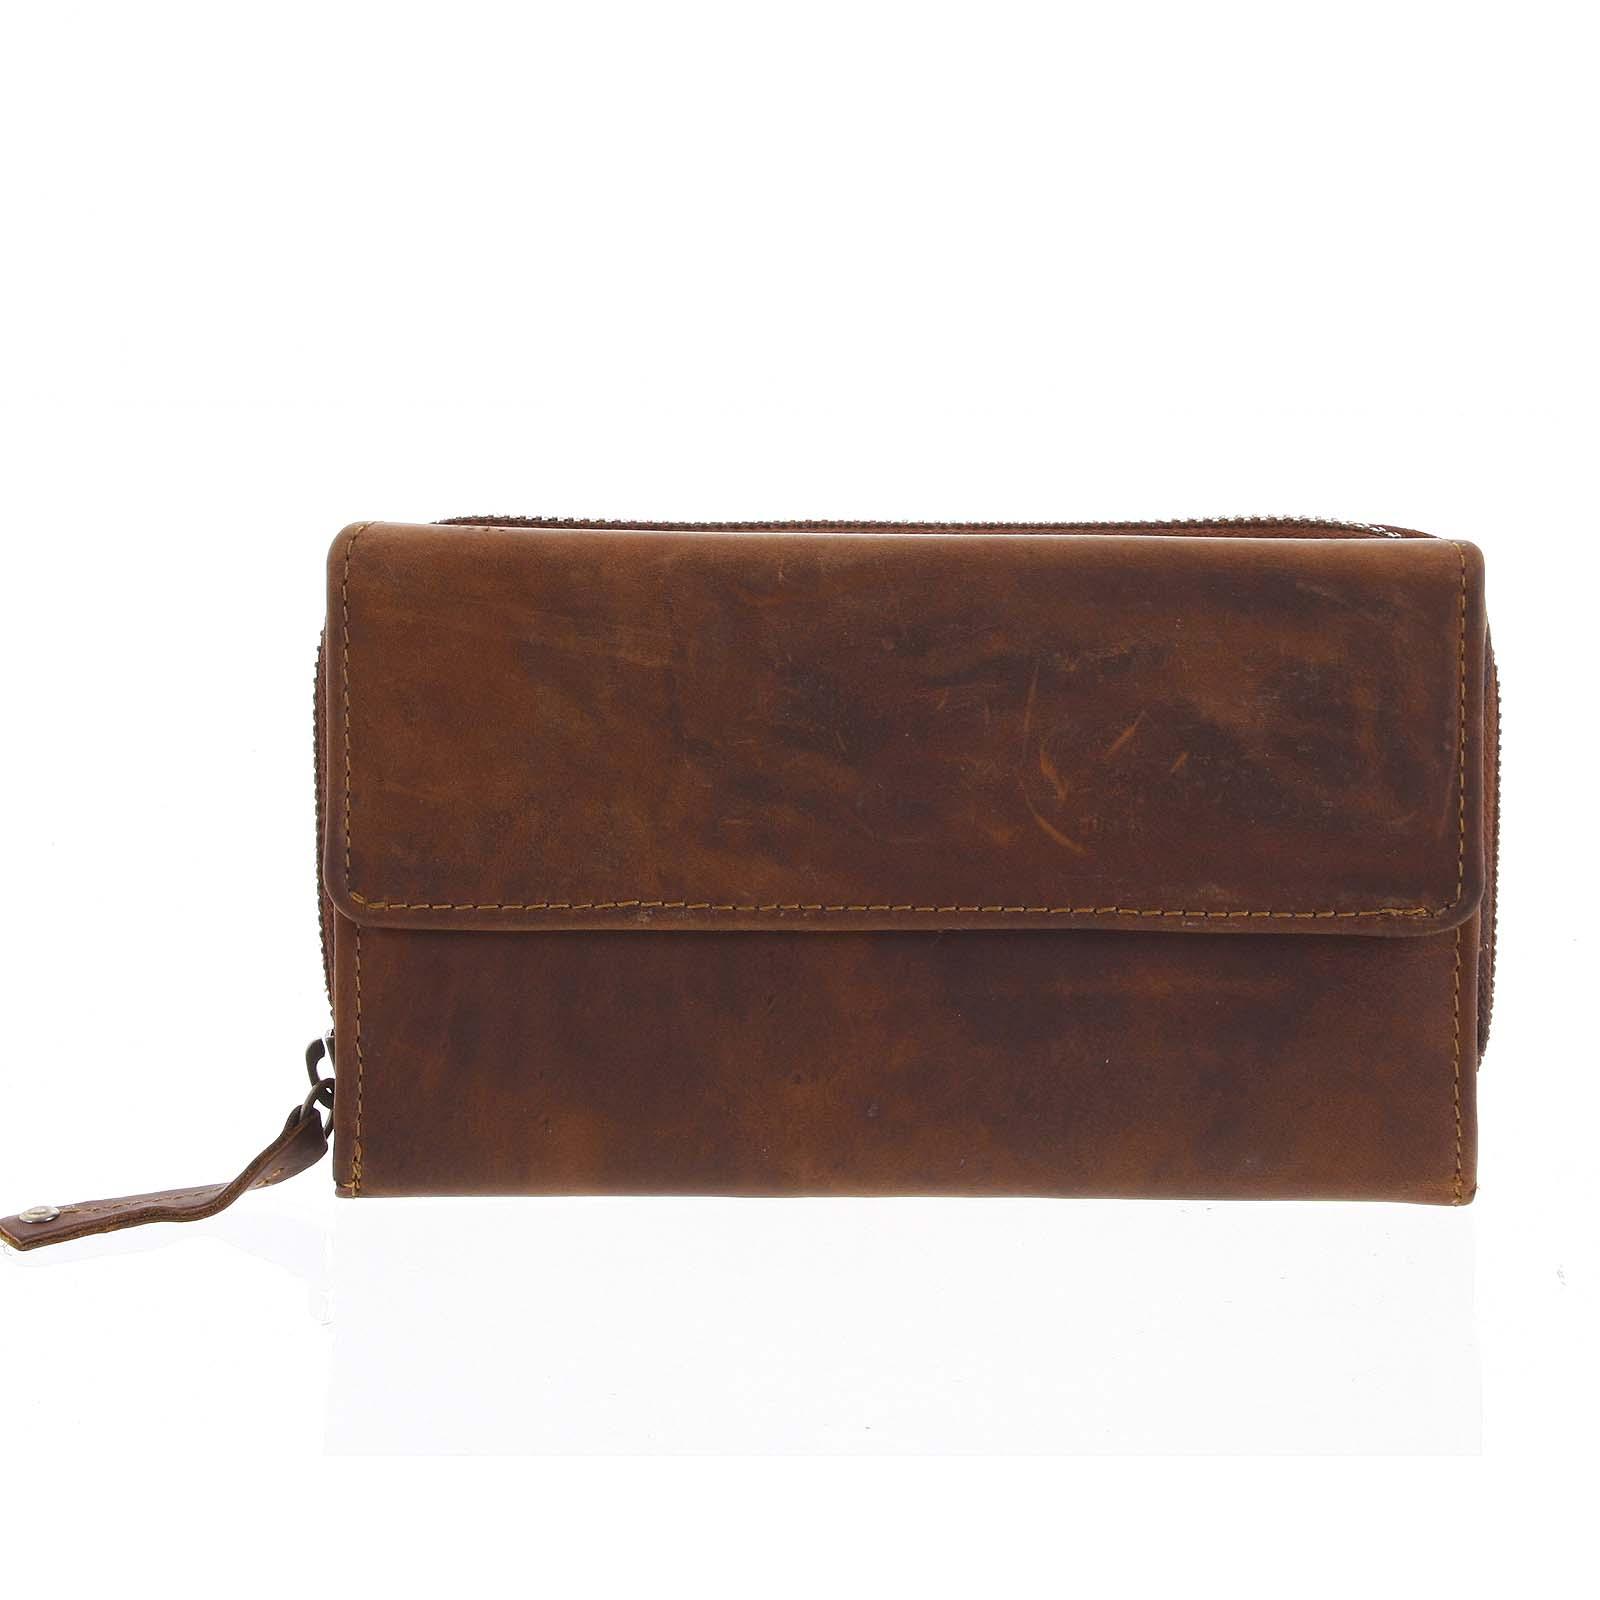 Dámska kožená peňaženka hnedá - Tomas Menmaiya hnedá